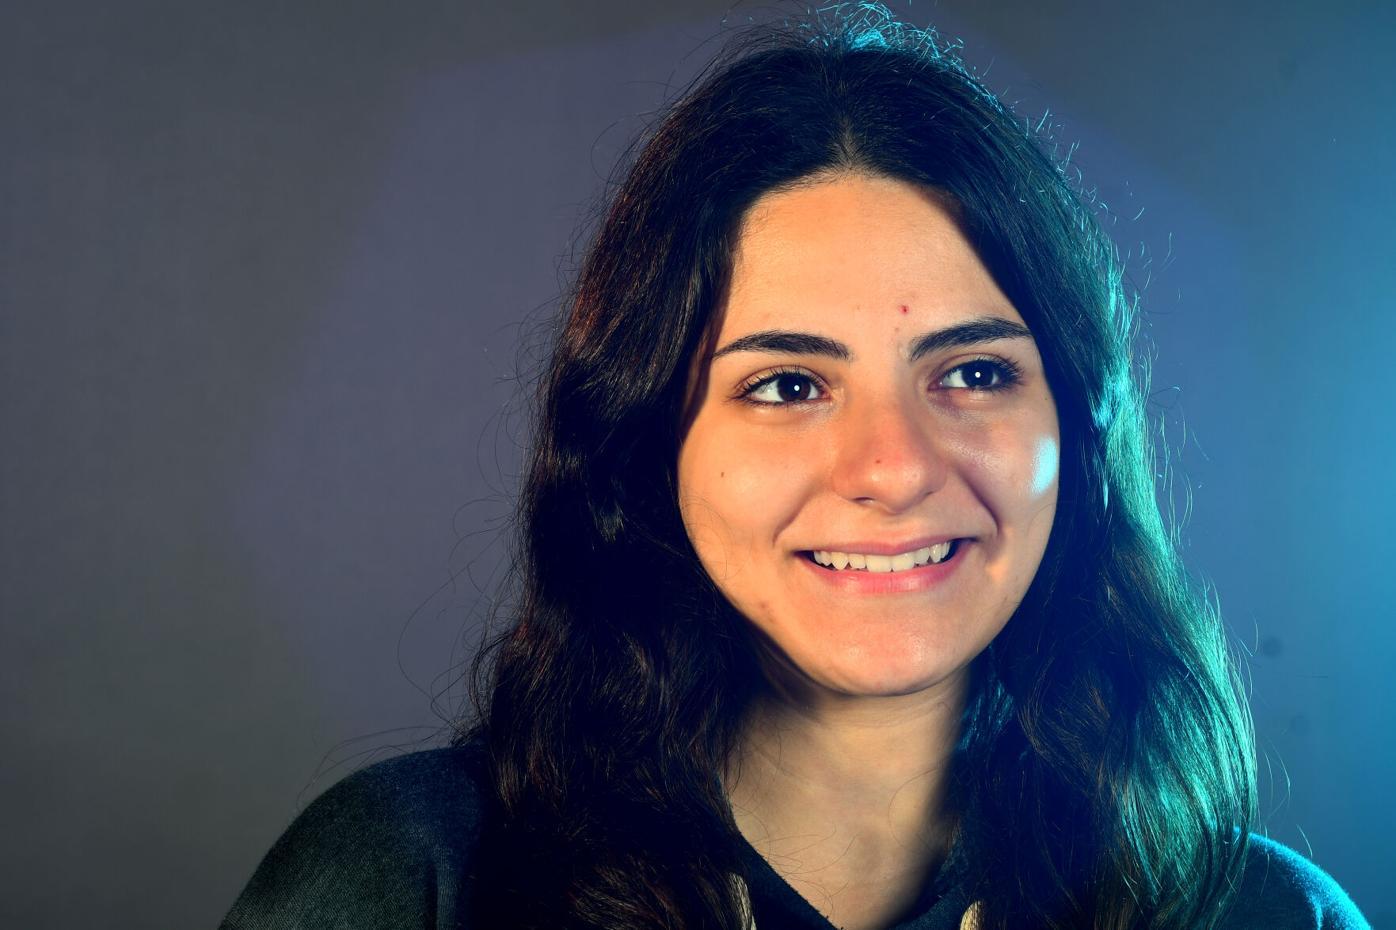 MU freshman pre-med student Fatima Almansouri smiles for a portrait